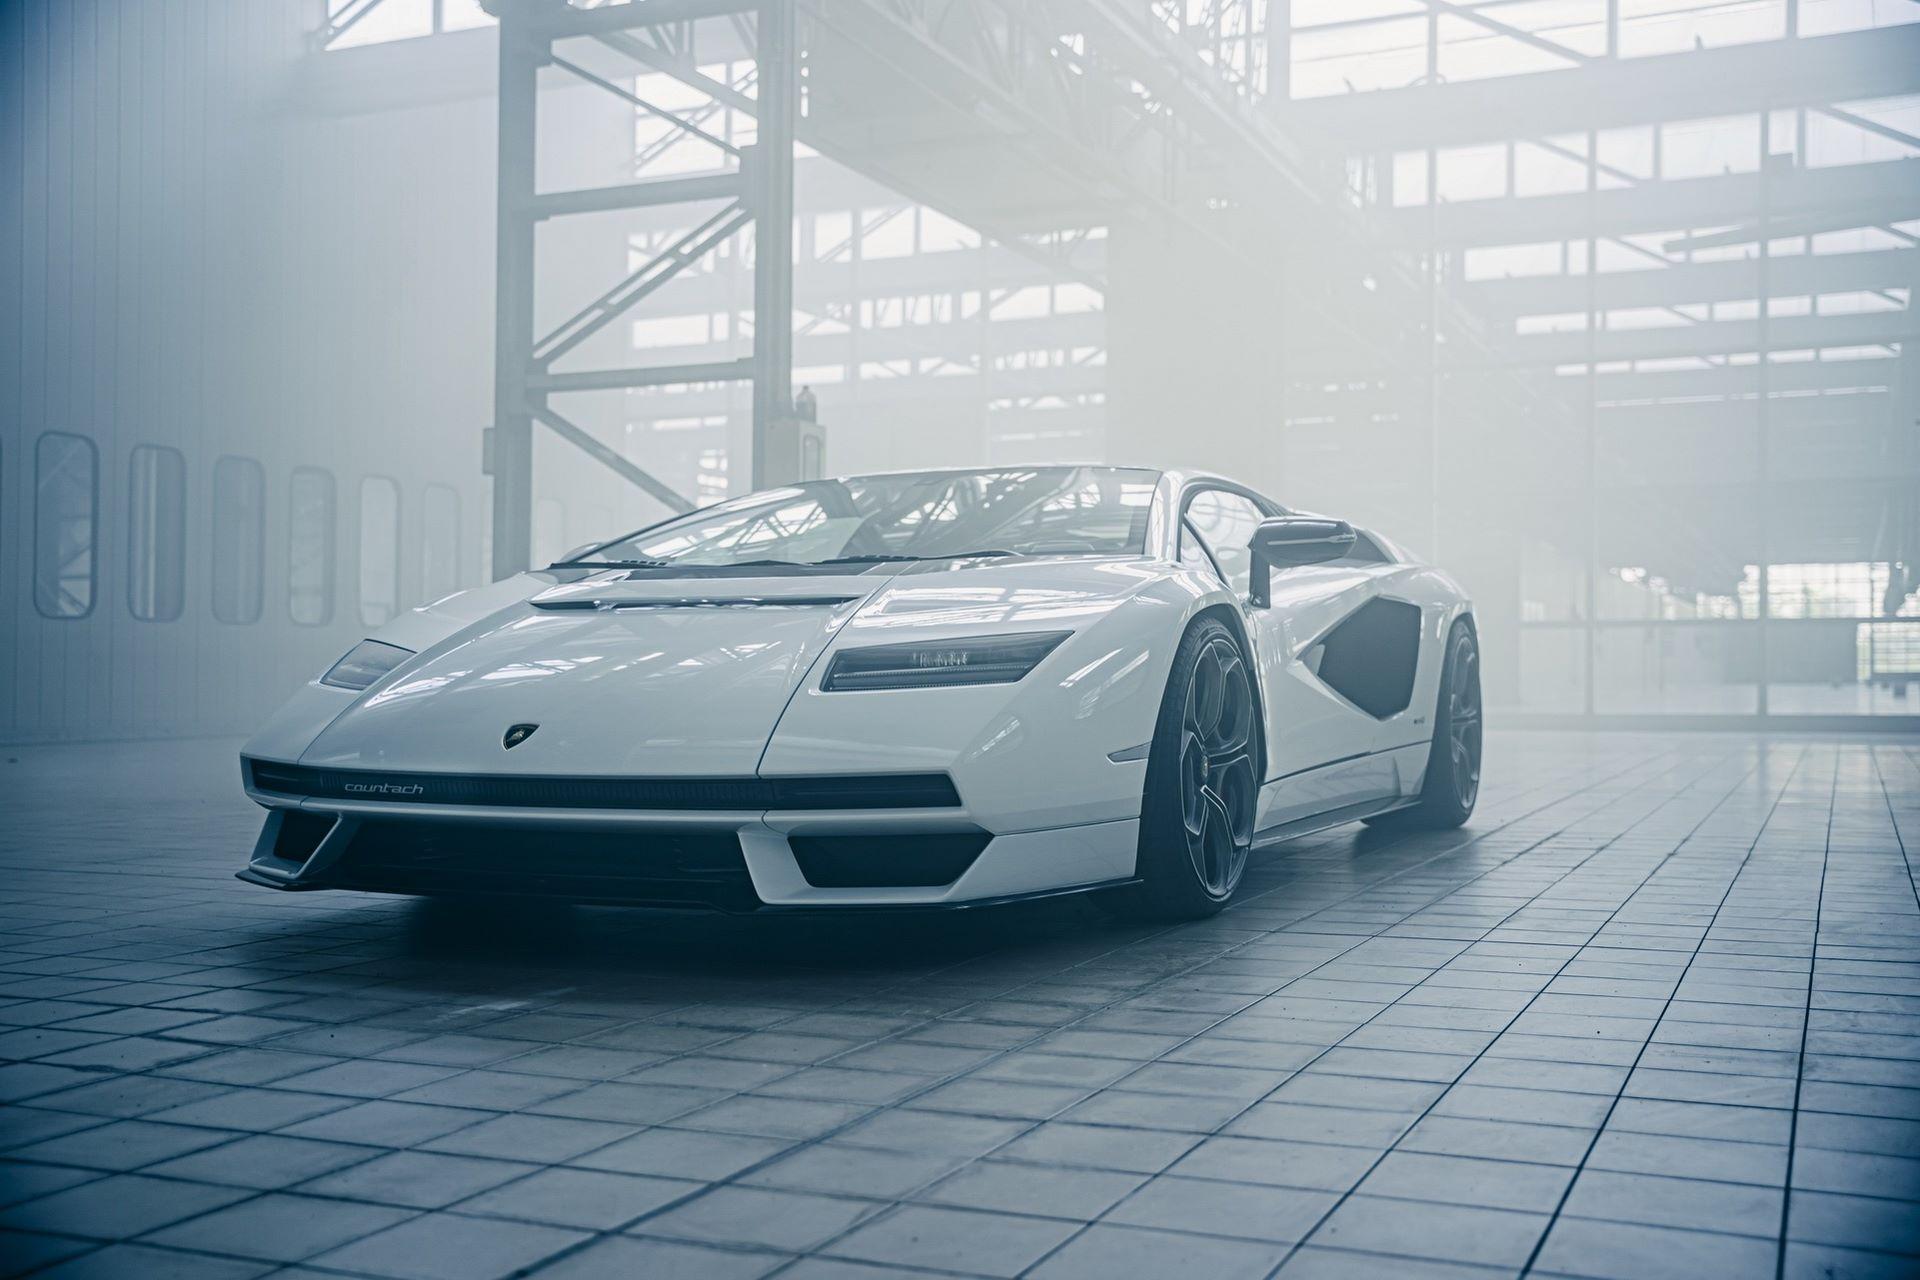 Lamborghini-Countach-LPI-800-4-45